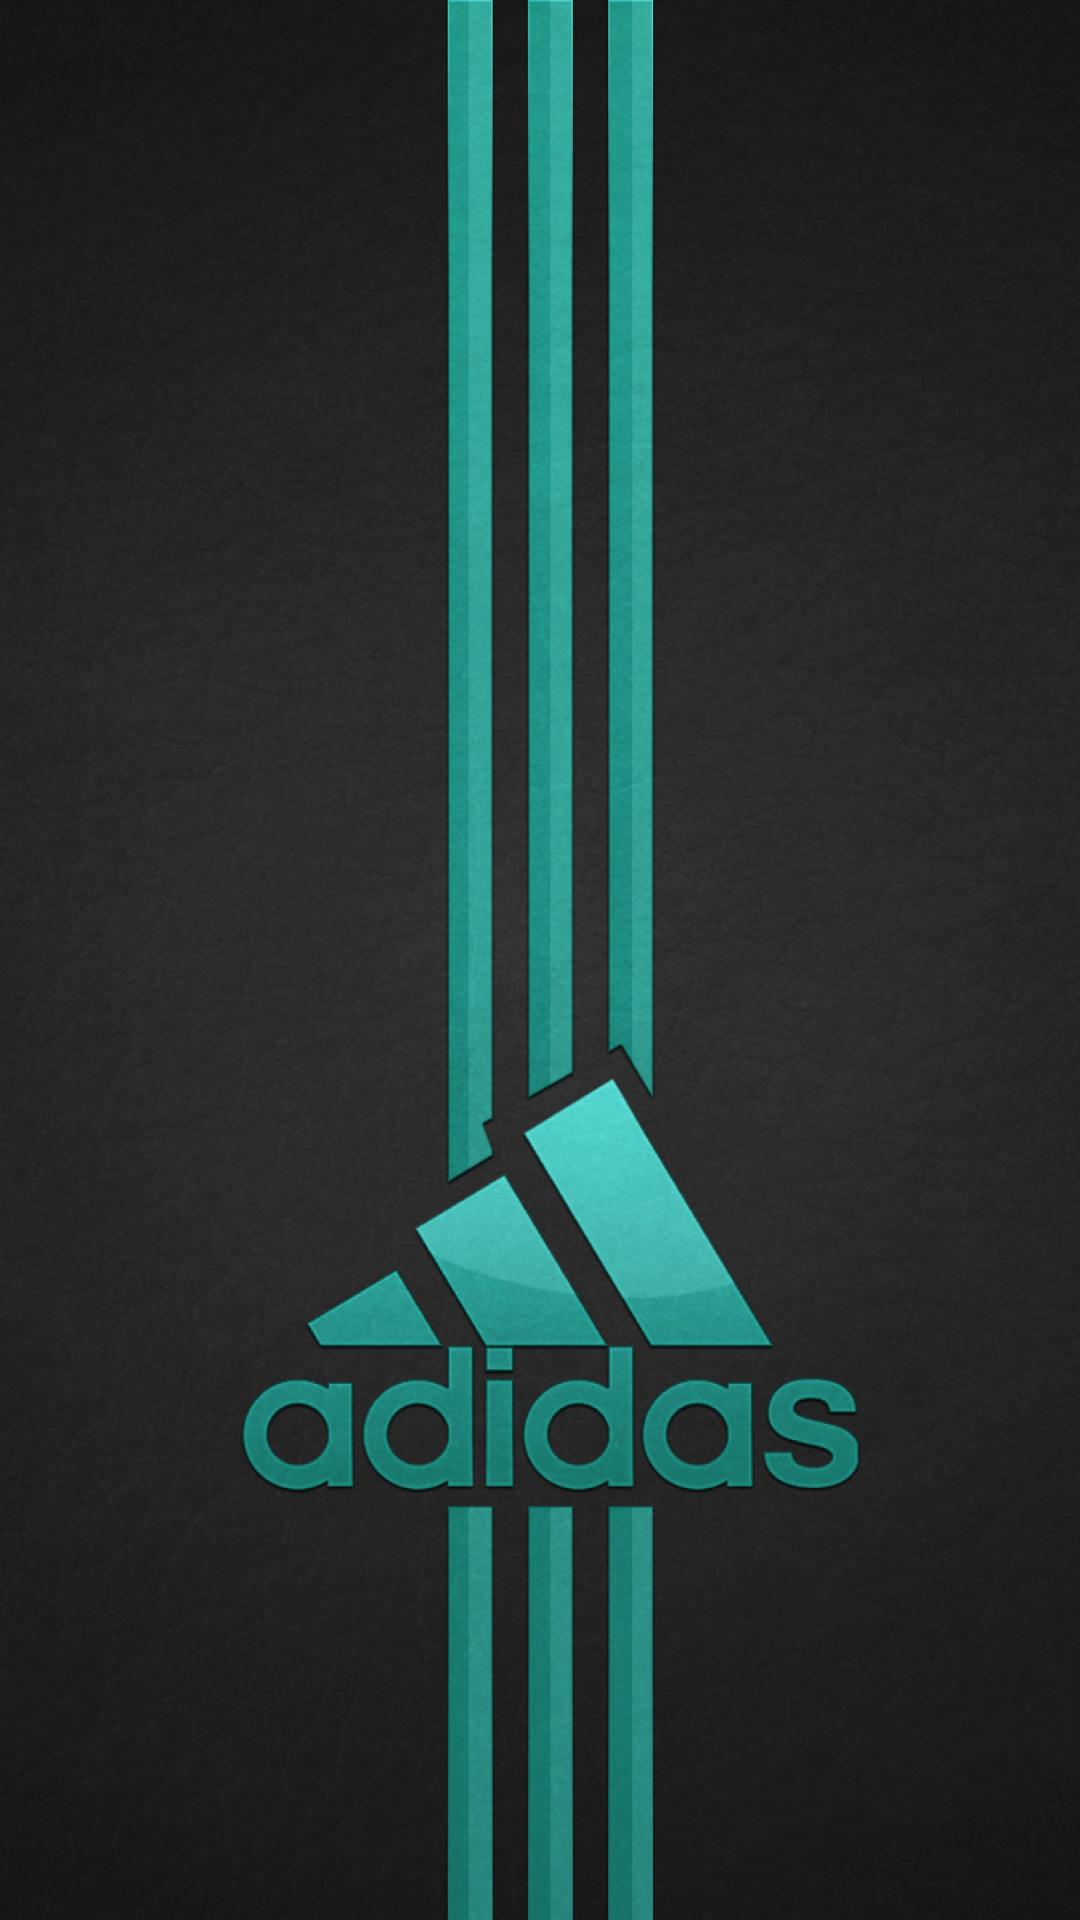 Aplaudir Ingresos Fortalecer  24+] Adidas 4K Wallpapers on WallpaperSafari